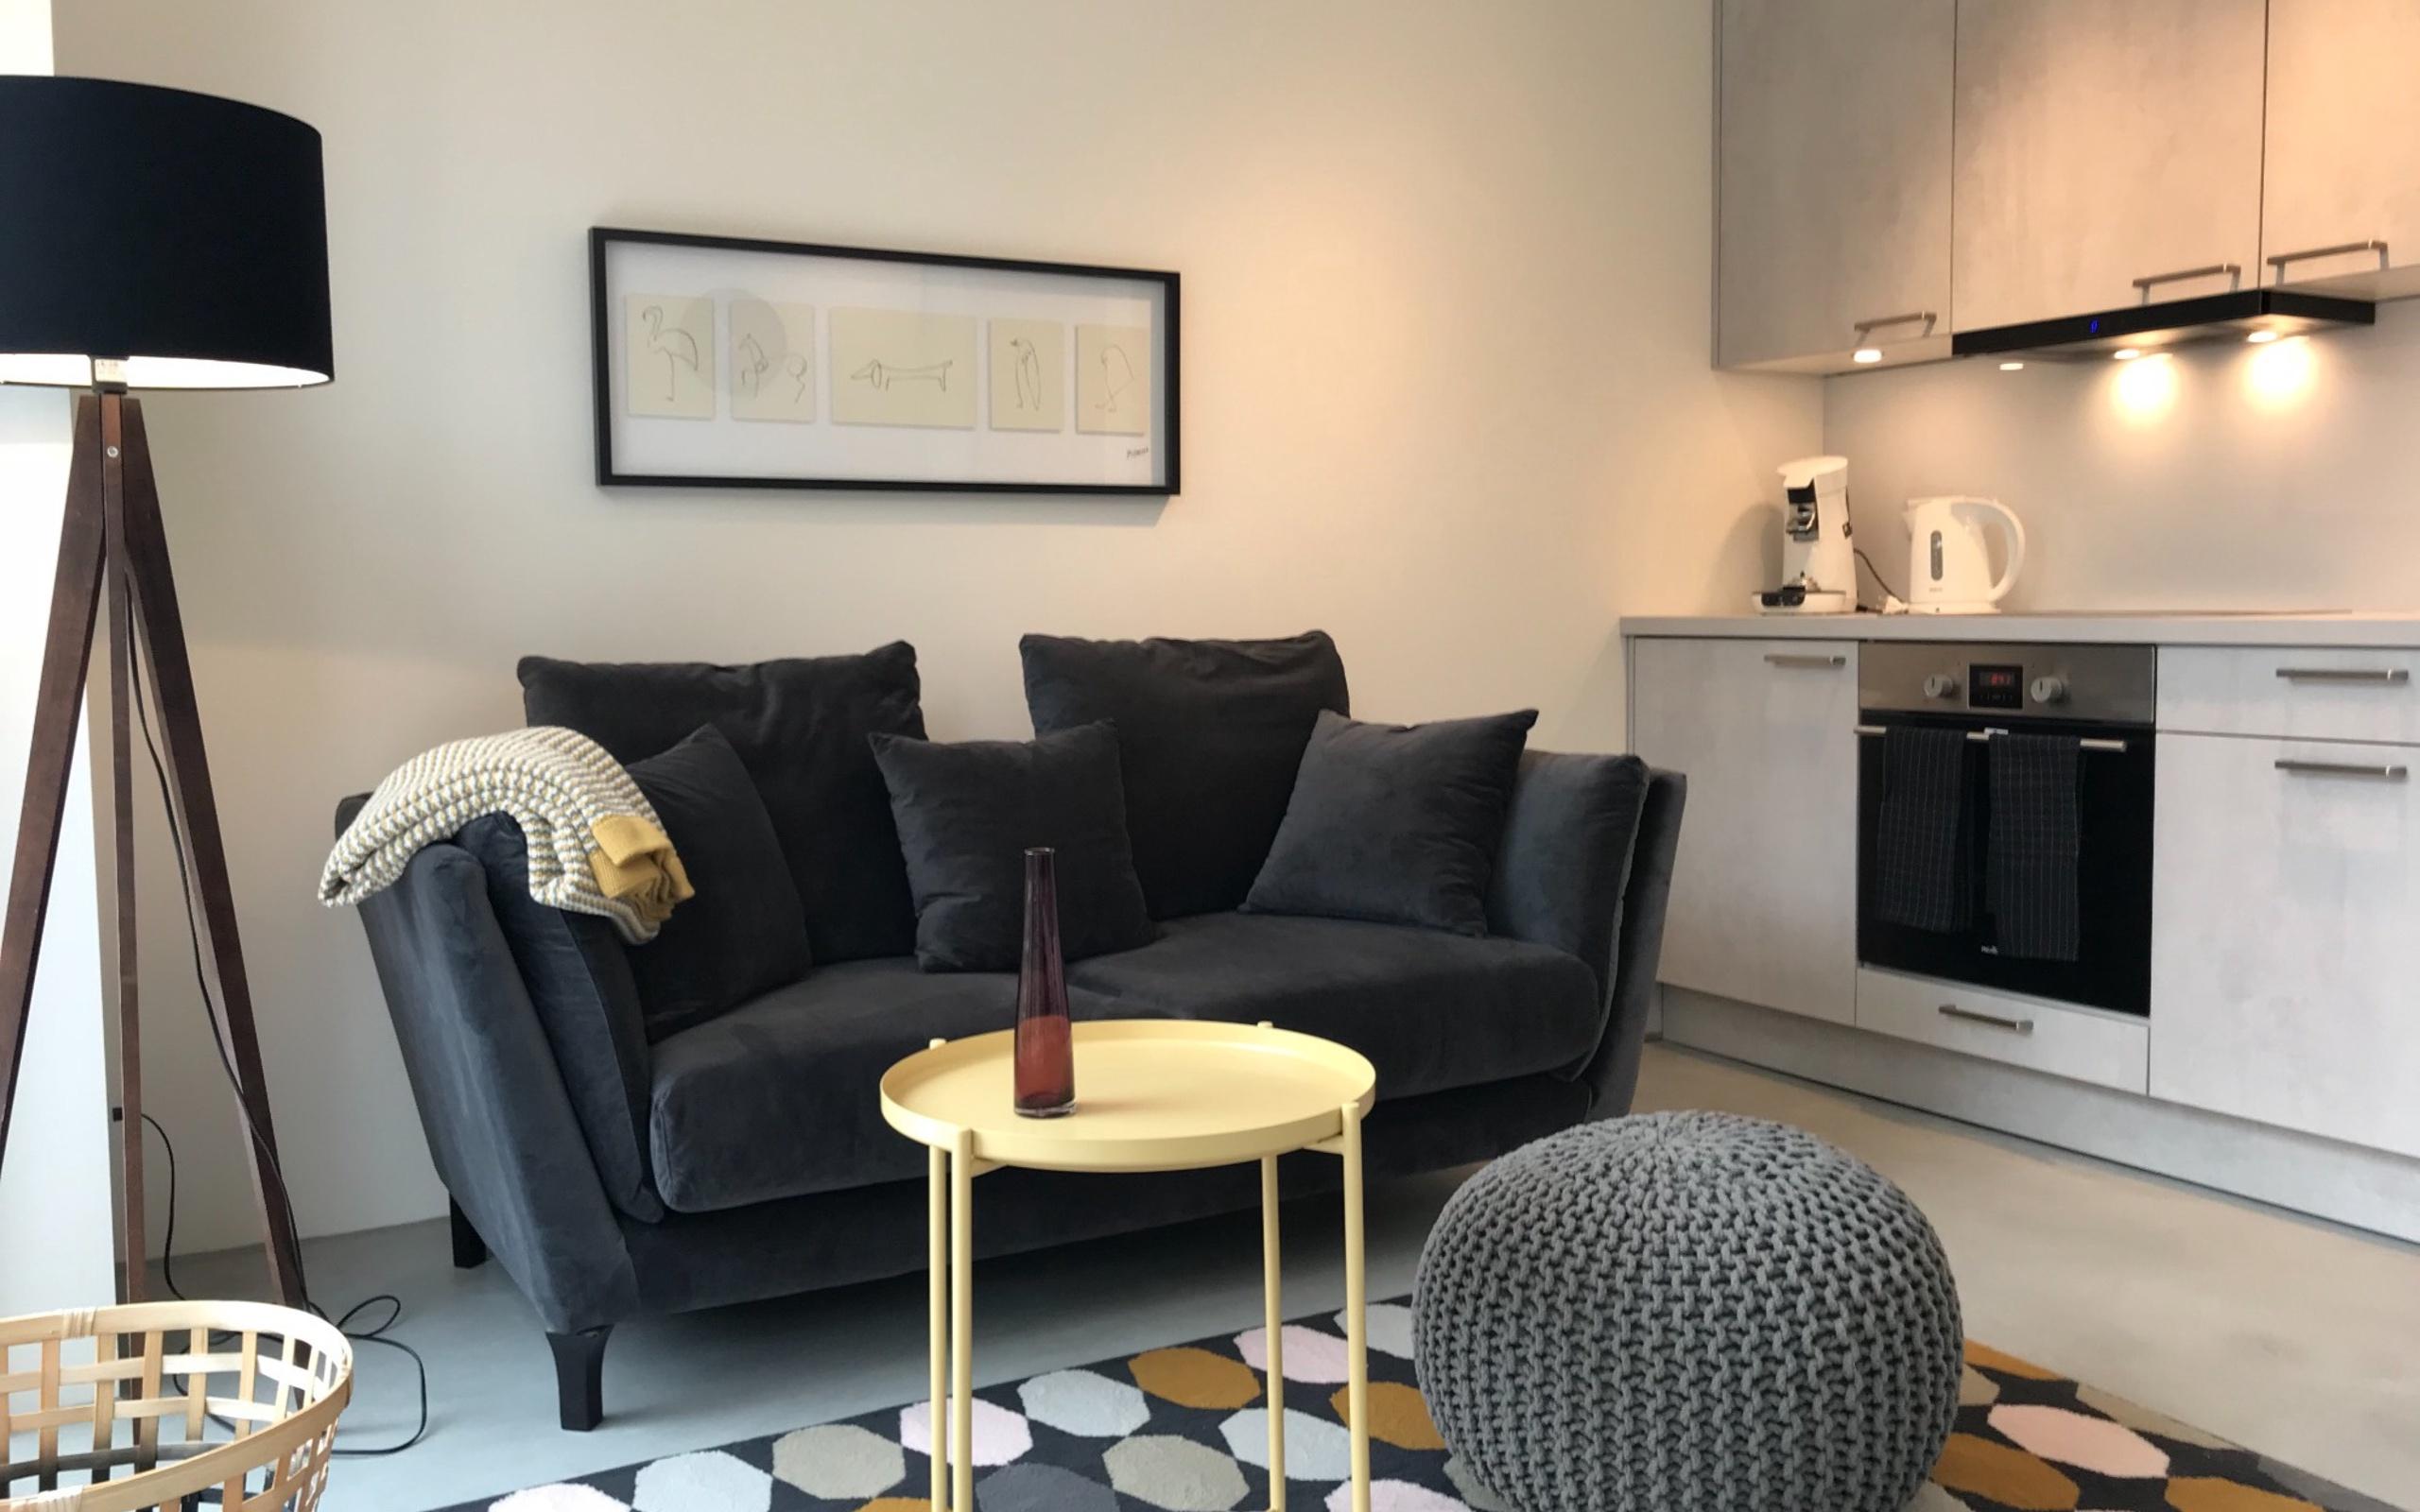 Modernes 1 Zimmerappartement Mit Internet Tv Küche Duwc